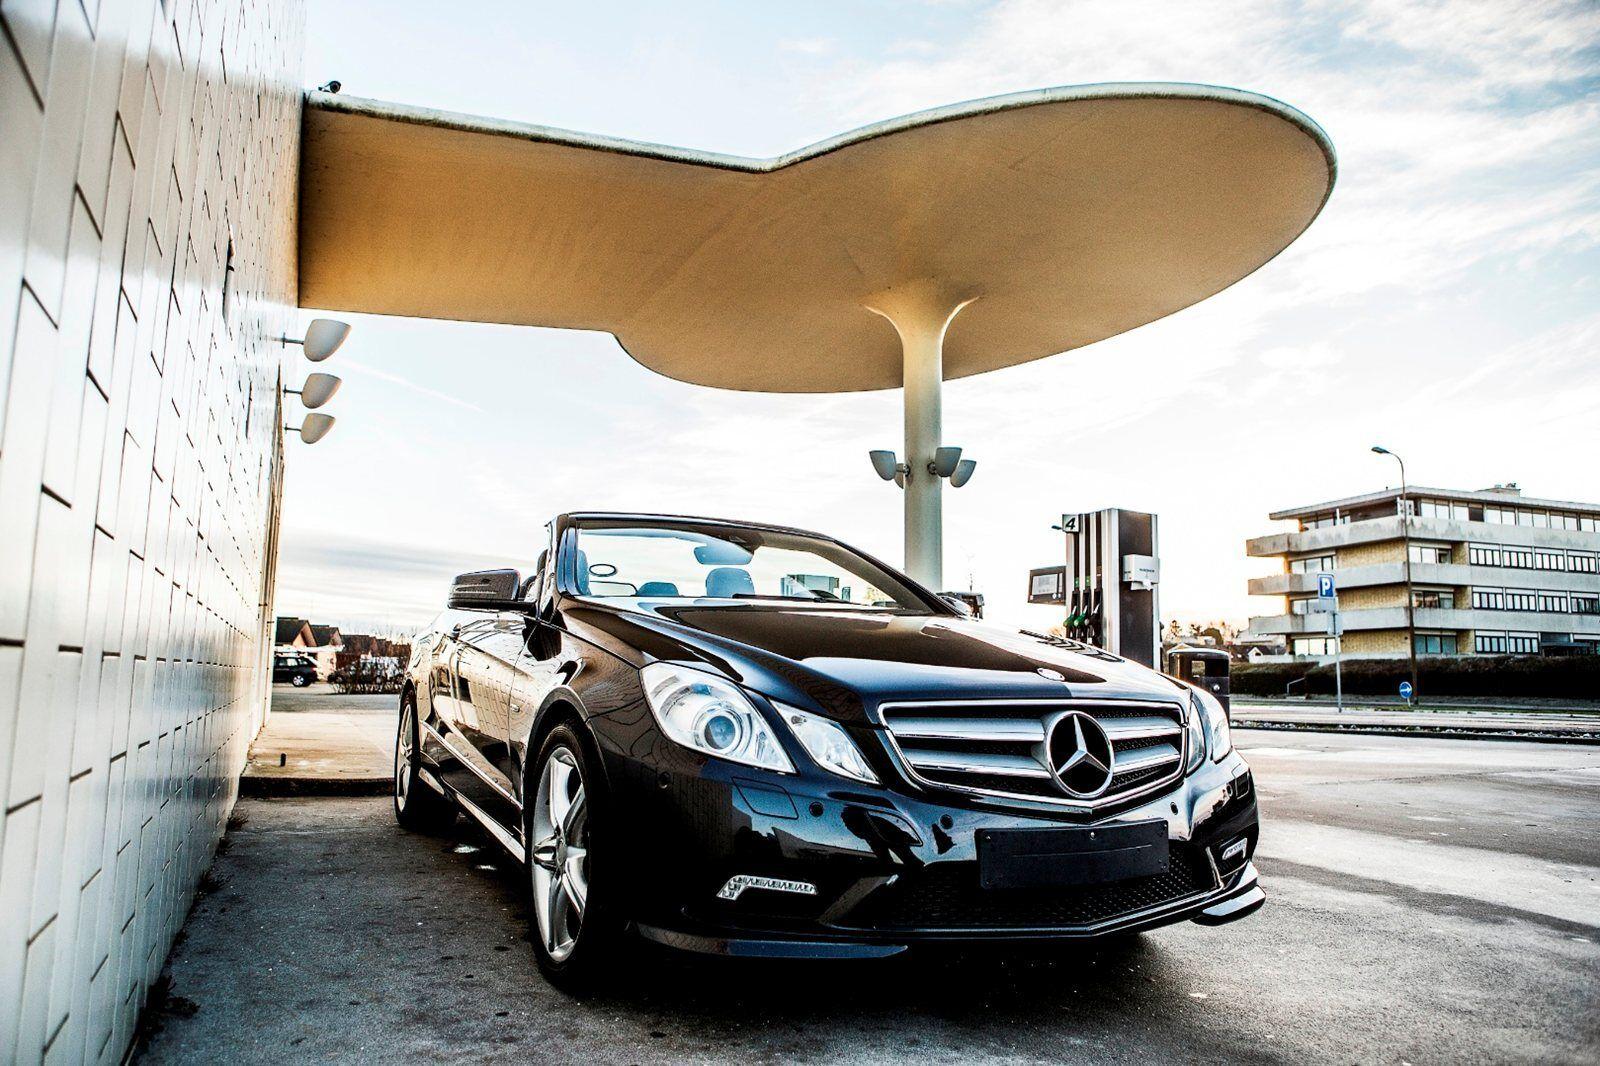 Mercedes E350 3,0 CDi Cabriolet aut. BE 2d - 2.185 kr.